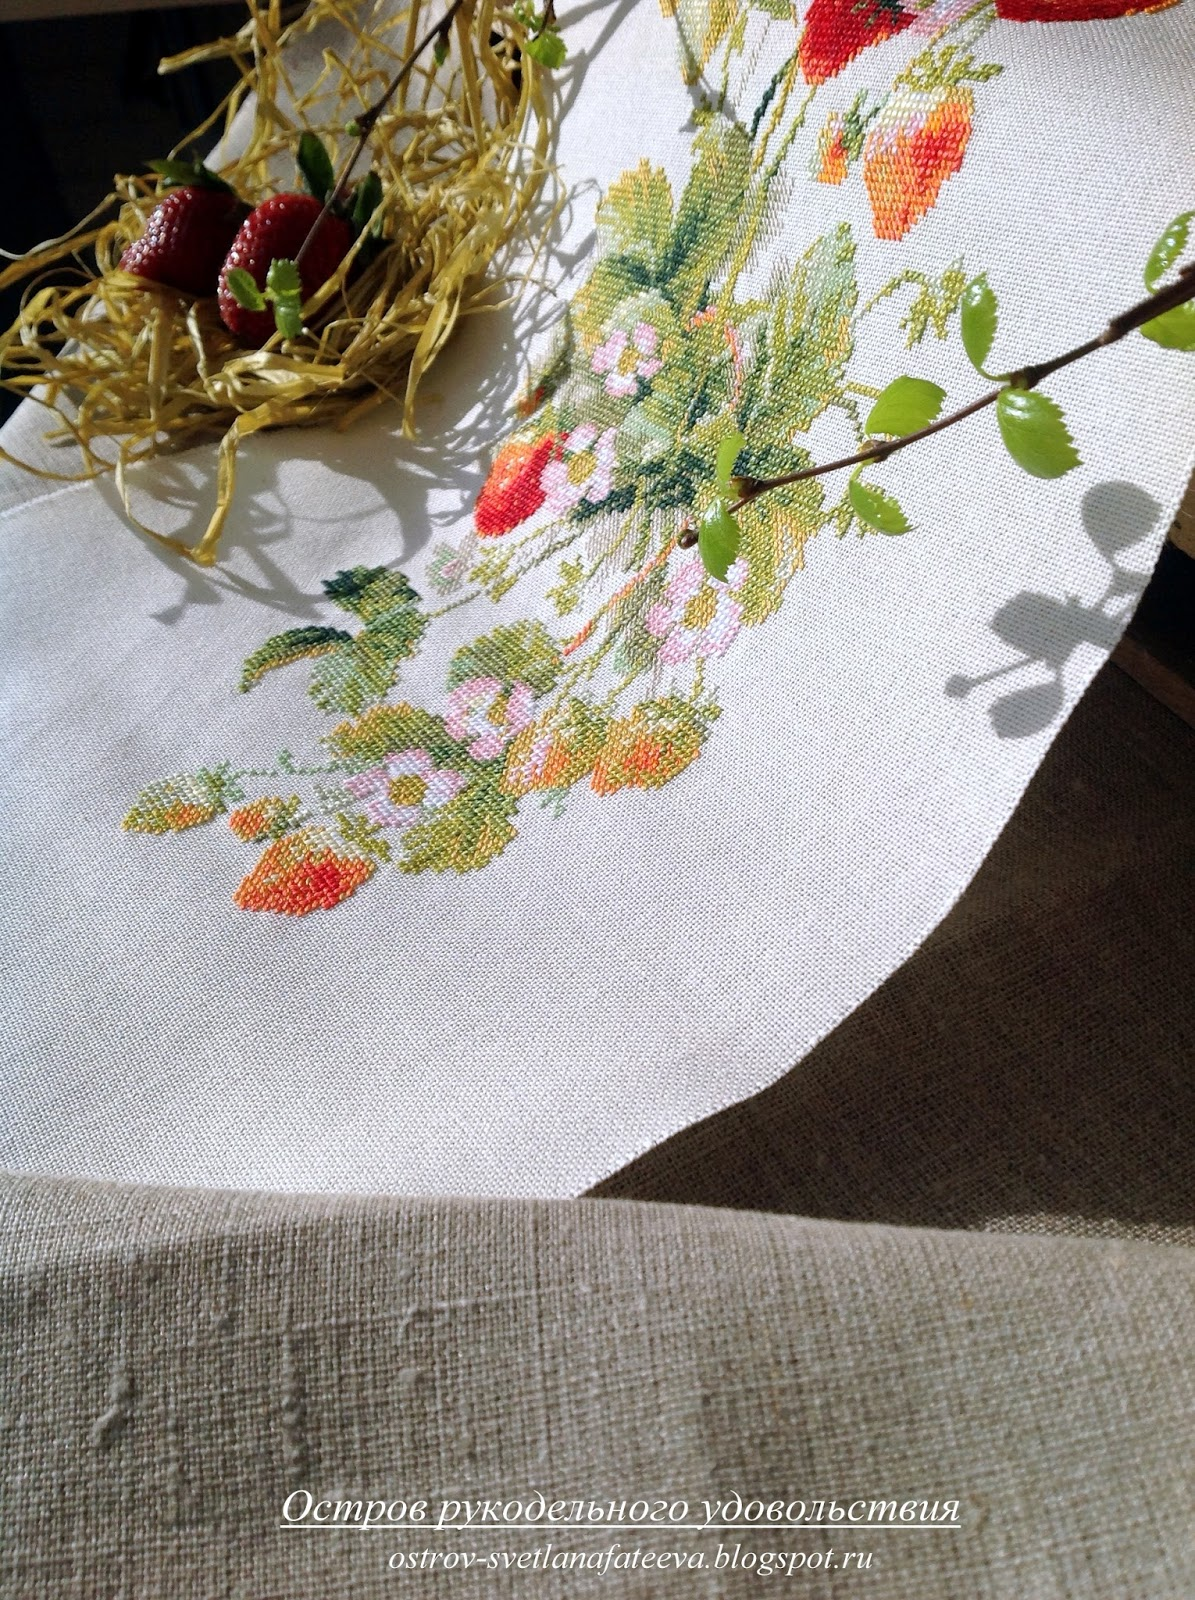 Остров рукодельного удовольствия блог вышивка